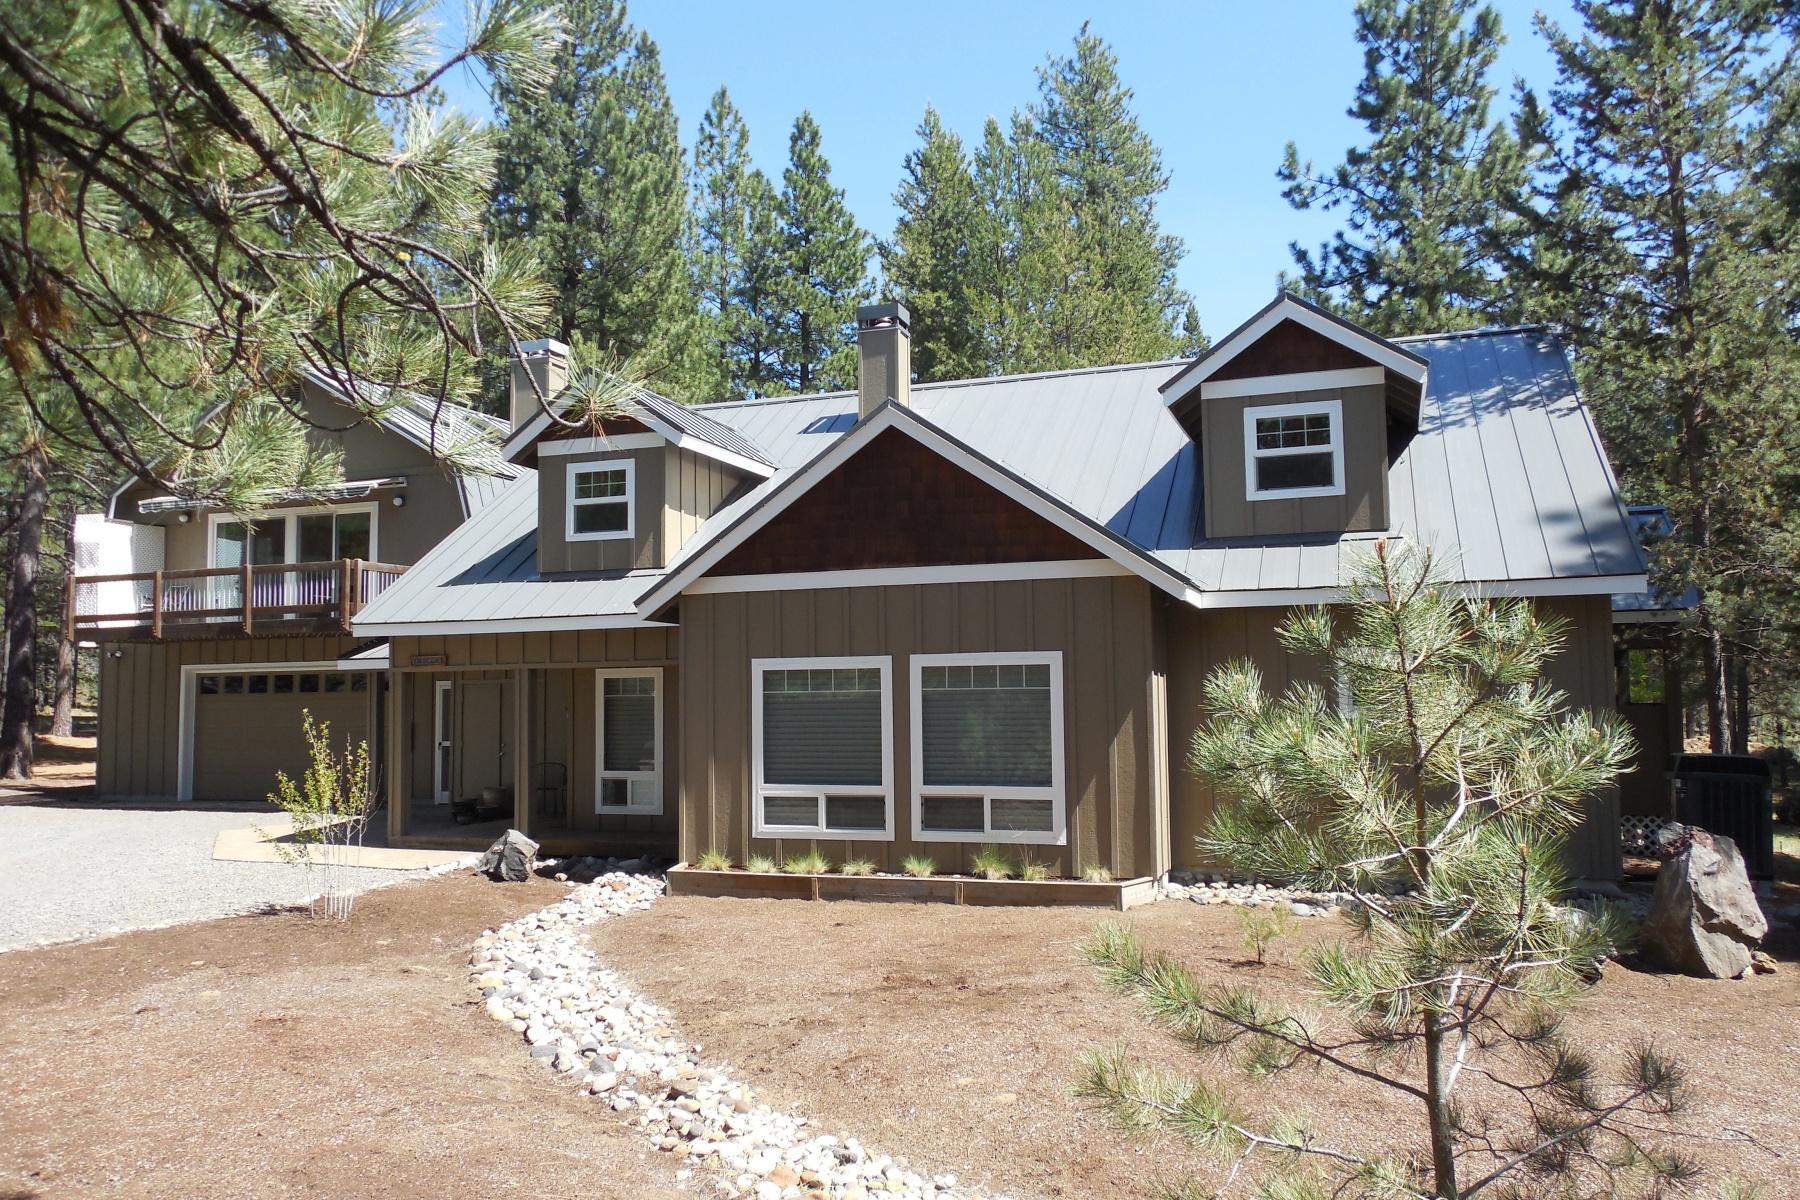 独户住宅 为 销售 在 55250 Velvet Ct 本德, 俄勒冈州, 97707 美国